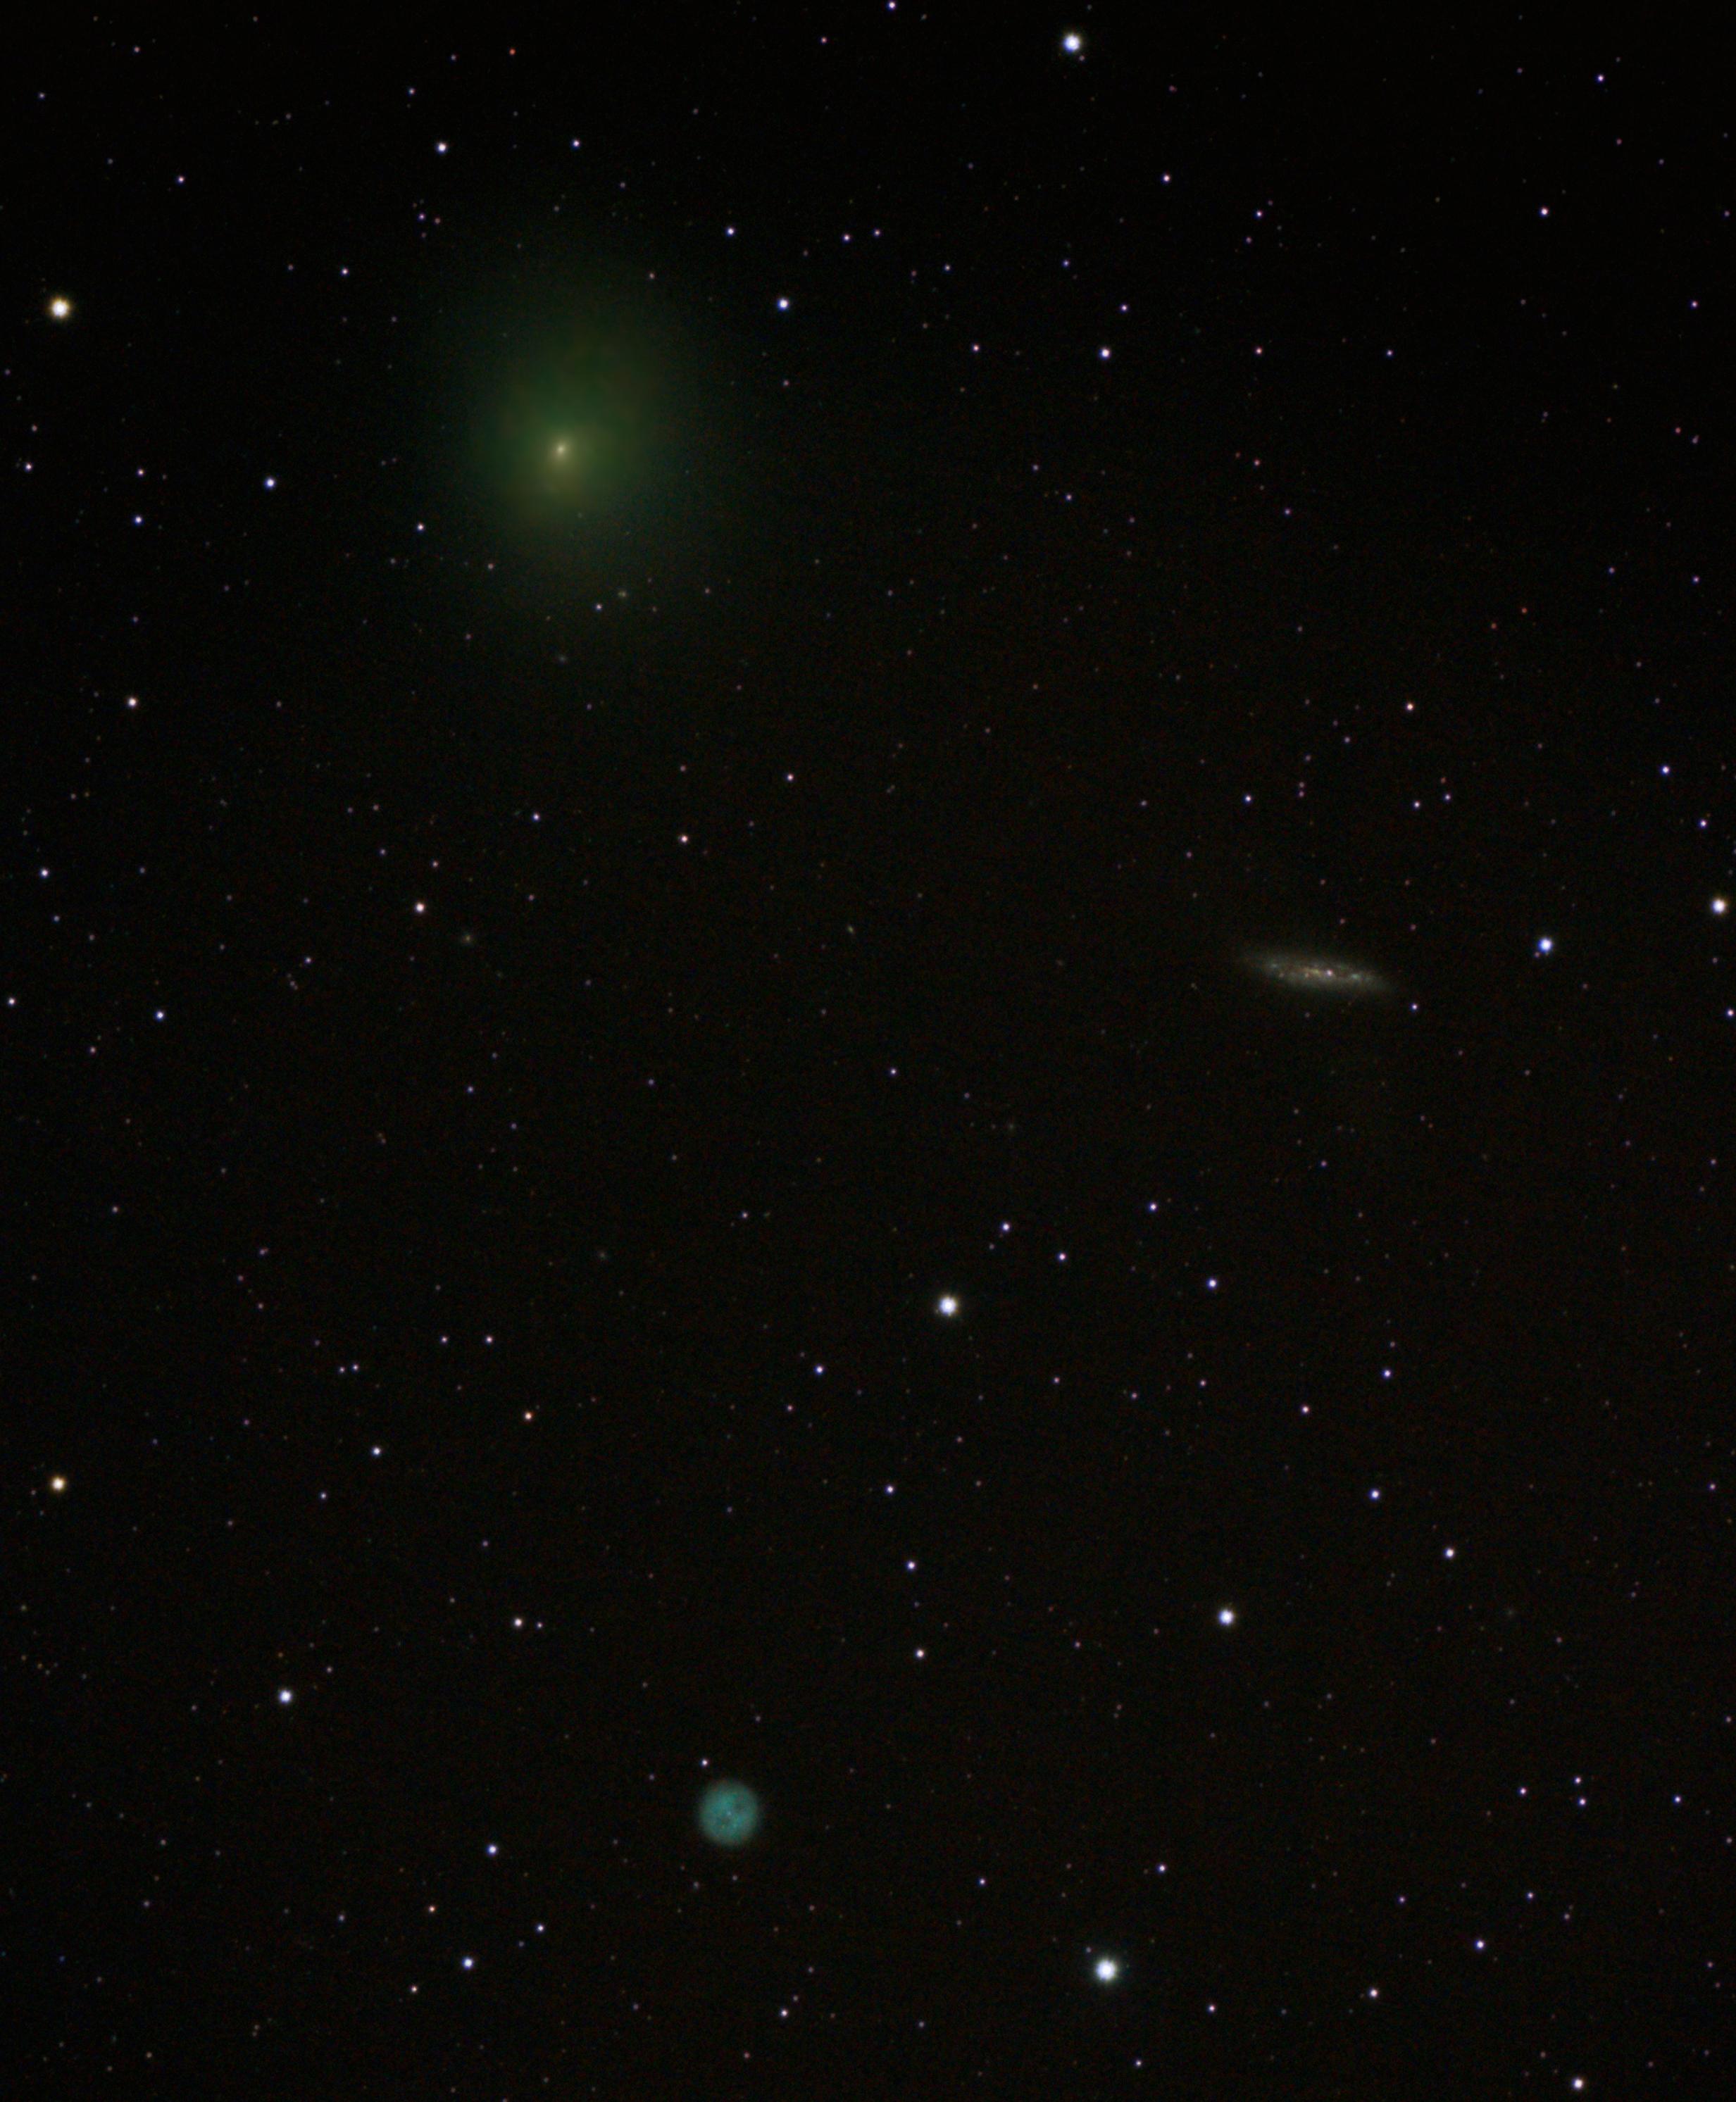 komet-41p-tuttle-giacobini-kresak